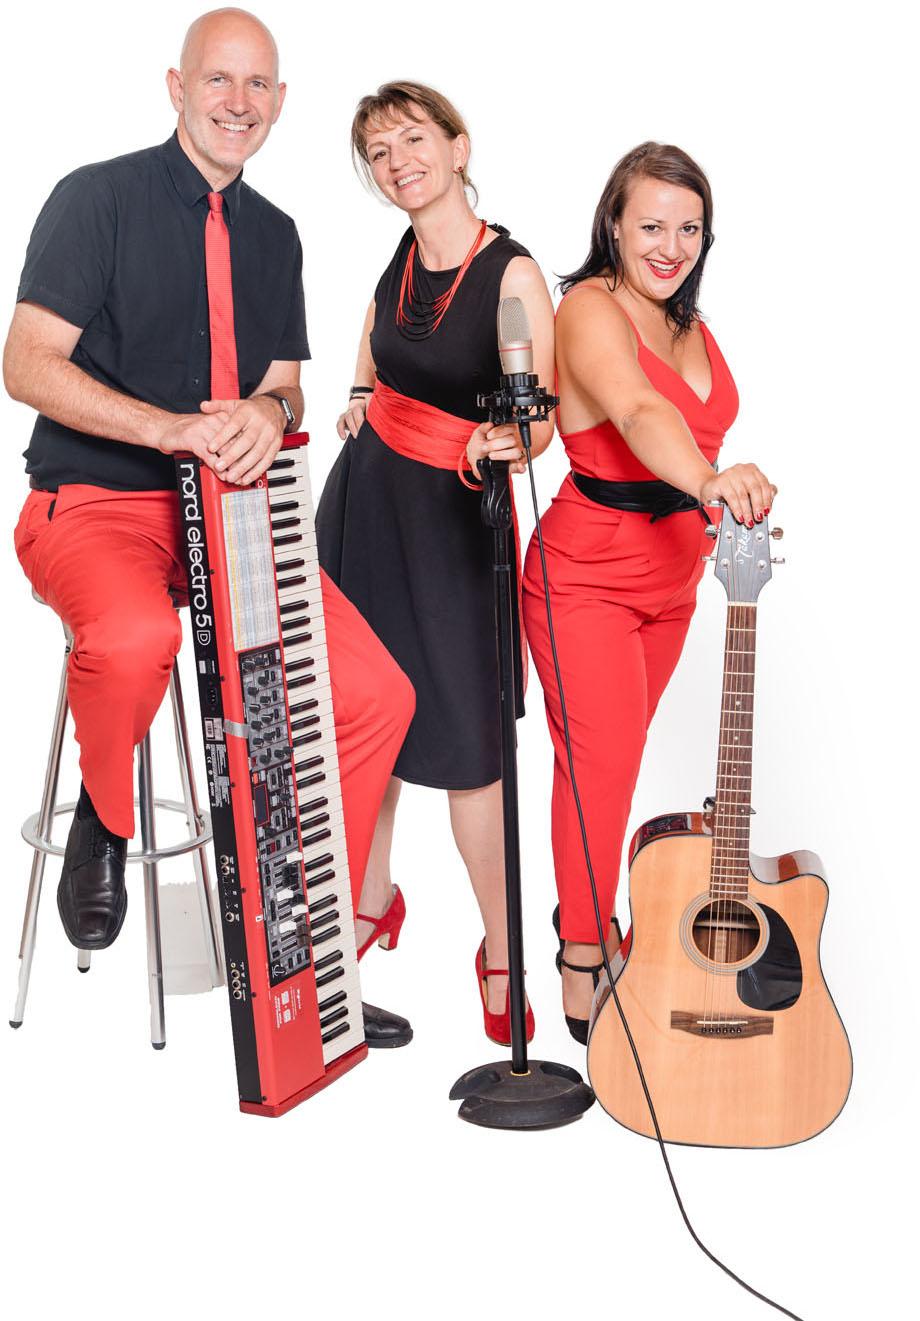 Repertoire für Hochzeit Firmenfeier Geburtstagsfeier Ballmusik mit Sängerin Gitarre Saxofon Keyboard, Trio bis Quintett Voices and Music